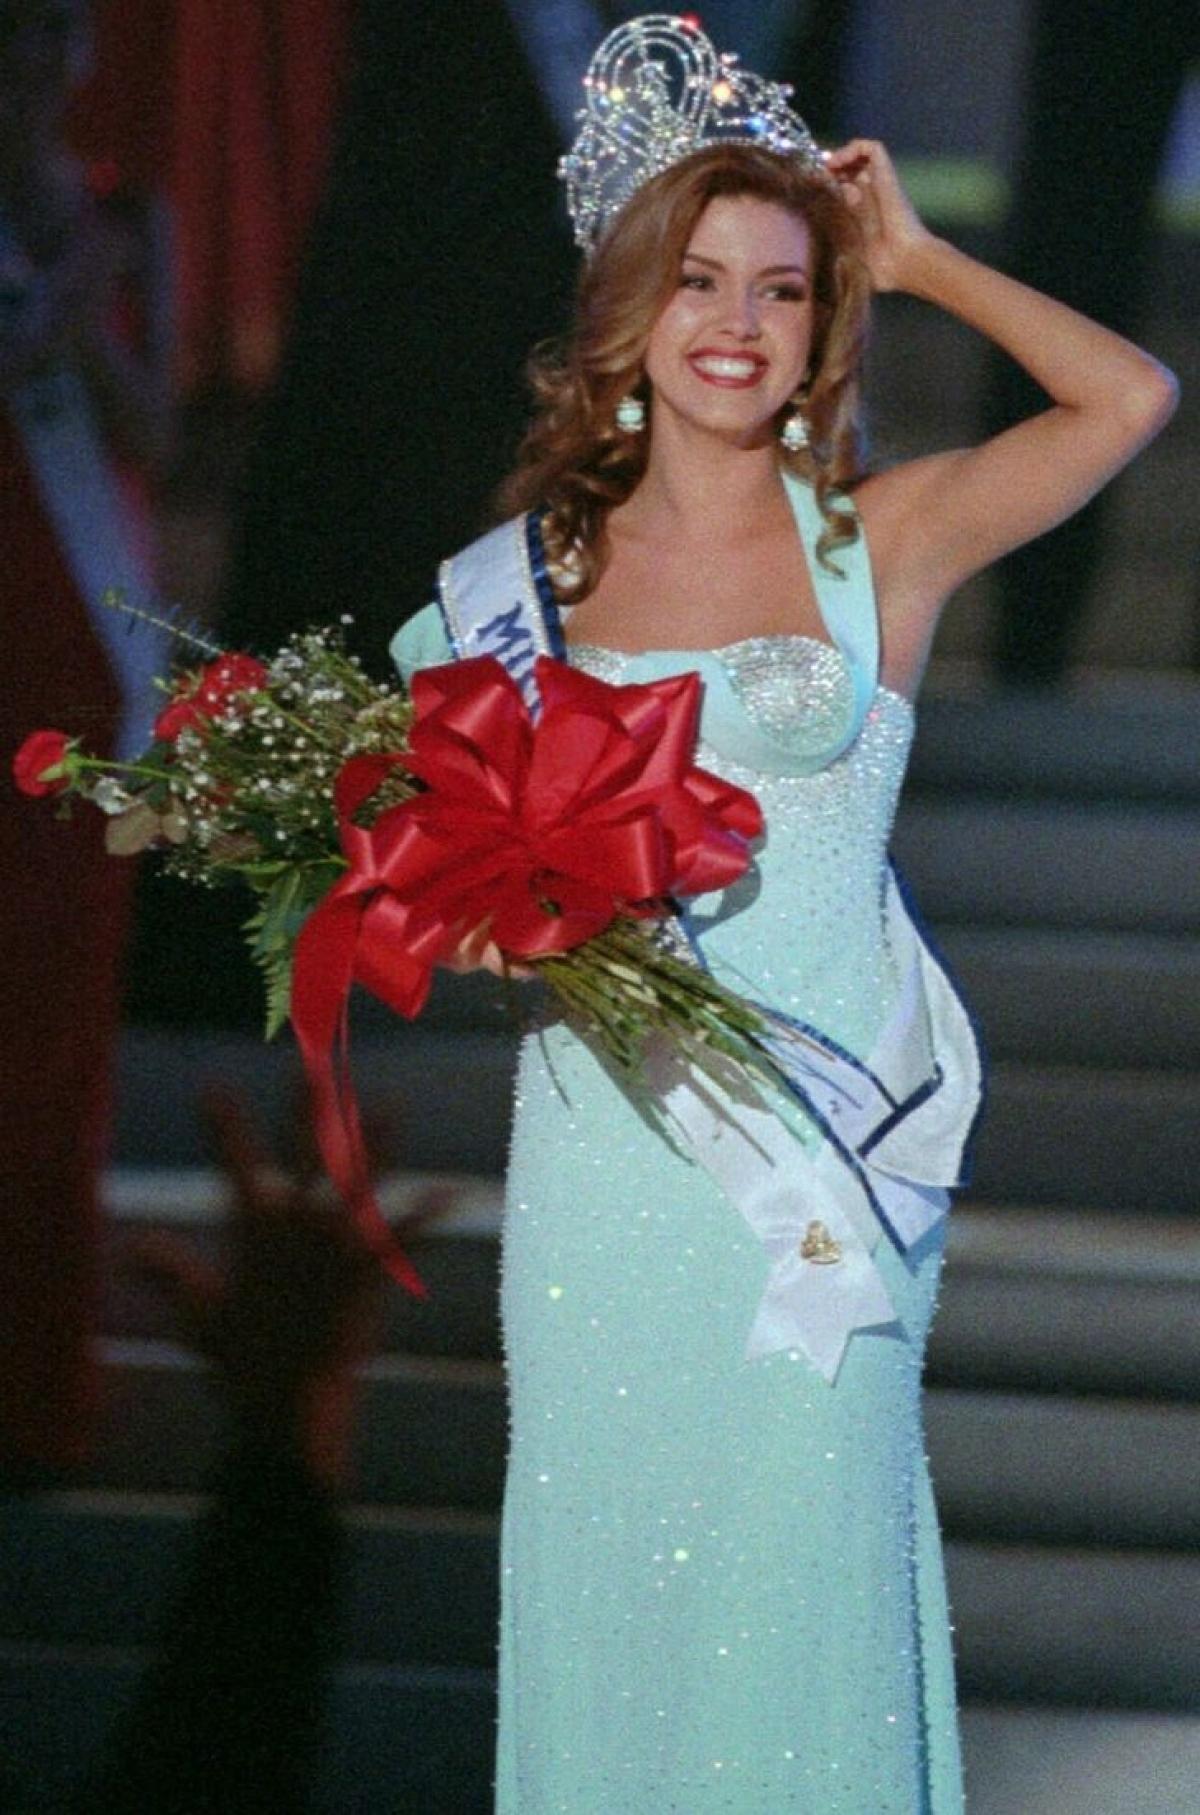 Alicia Machado đoạt danh hiệu Hoa hậu Venezuela vào năm 1995 và đại diện cho đất nước mình tham dự Hoa hậu Hoàn vũ 1996 tổ chức tại Las Vegas, Mỹ. Cô là người phụ nữ thứ tư của đất nước Venezuela giành được danh hiệu này.